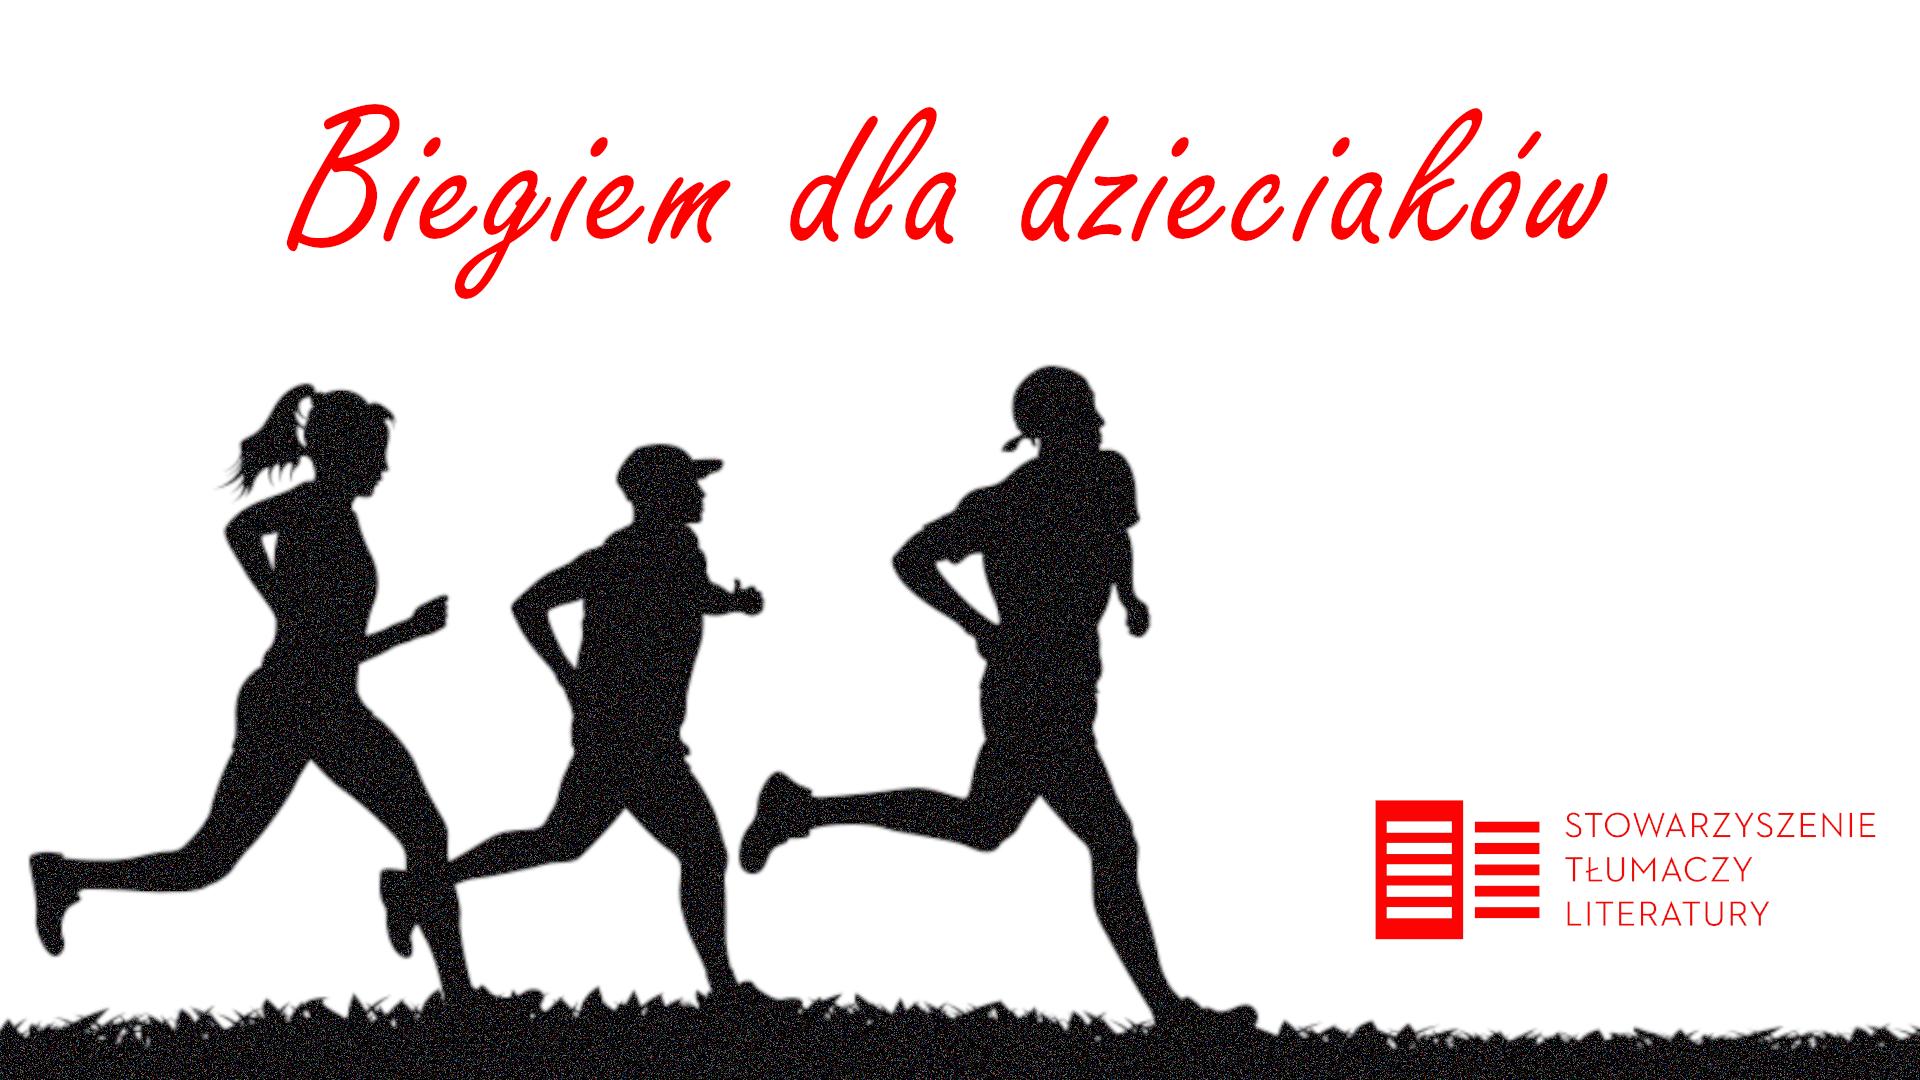 biegiem_dla_dzieciaków